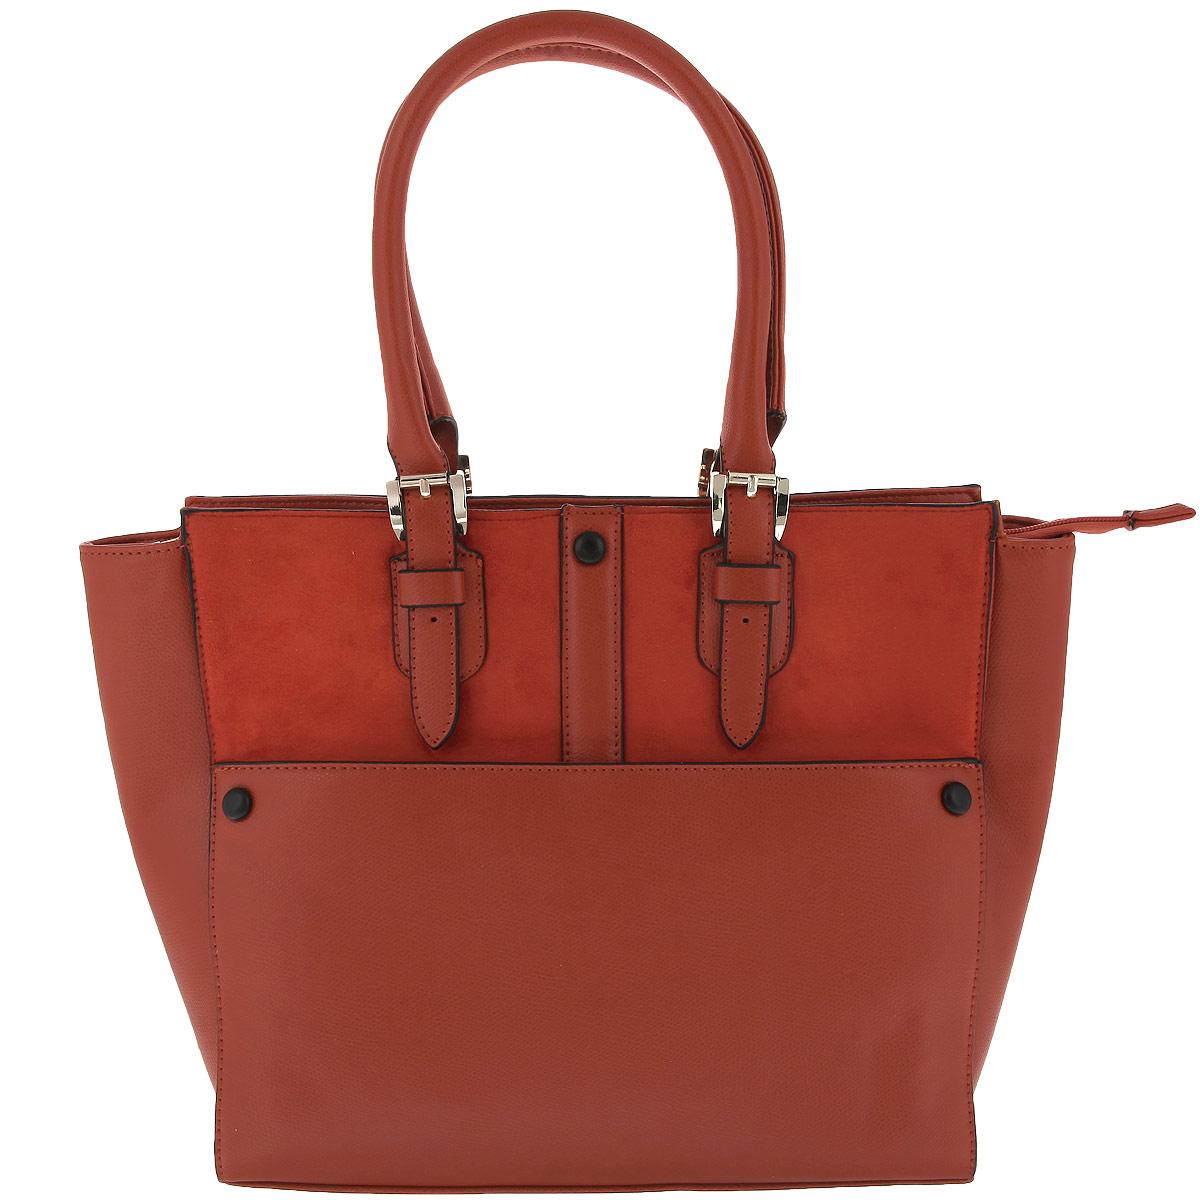 Сумка женская Renee Kler, цвет: рыжий. RK265-04RK265-04Стильная женская сумка Renee Kler изготовлена из искусственной кожи, оформлена вставкой из замши и декоративными заклепками из кожи черного цвета. Изделие закрывается на удобную застежку-молнию. Внутри - одно вместительное отделение, несколько накладных карманчиков для мелочей, телефона и врезной карманчик на застежке-молнии. Внешняя сторона дополнена накладным карманчиком на магнитной кнопке. Дно дополнено металлическими ножками, защищающими изделие от повреждений. Изделие упаковано в фирменный чехол. Роскошная сумка внесет элегантные нотки в ваш образ и подчеркнет ваше отменное чувство стиля.